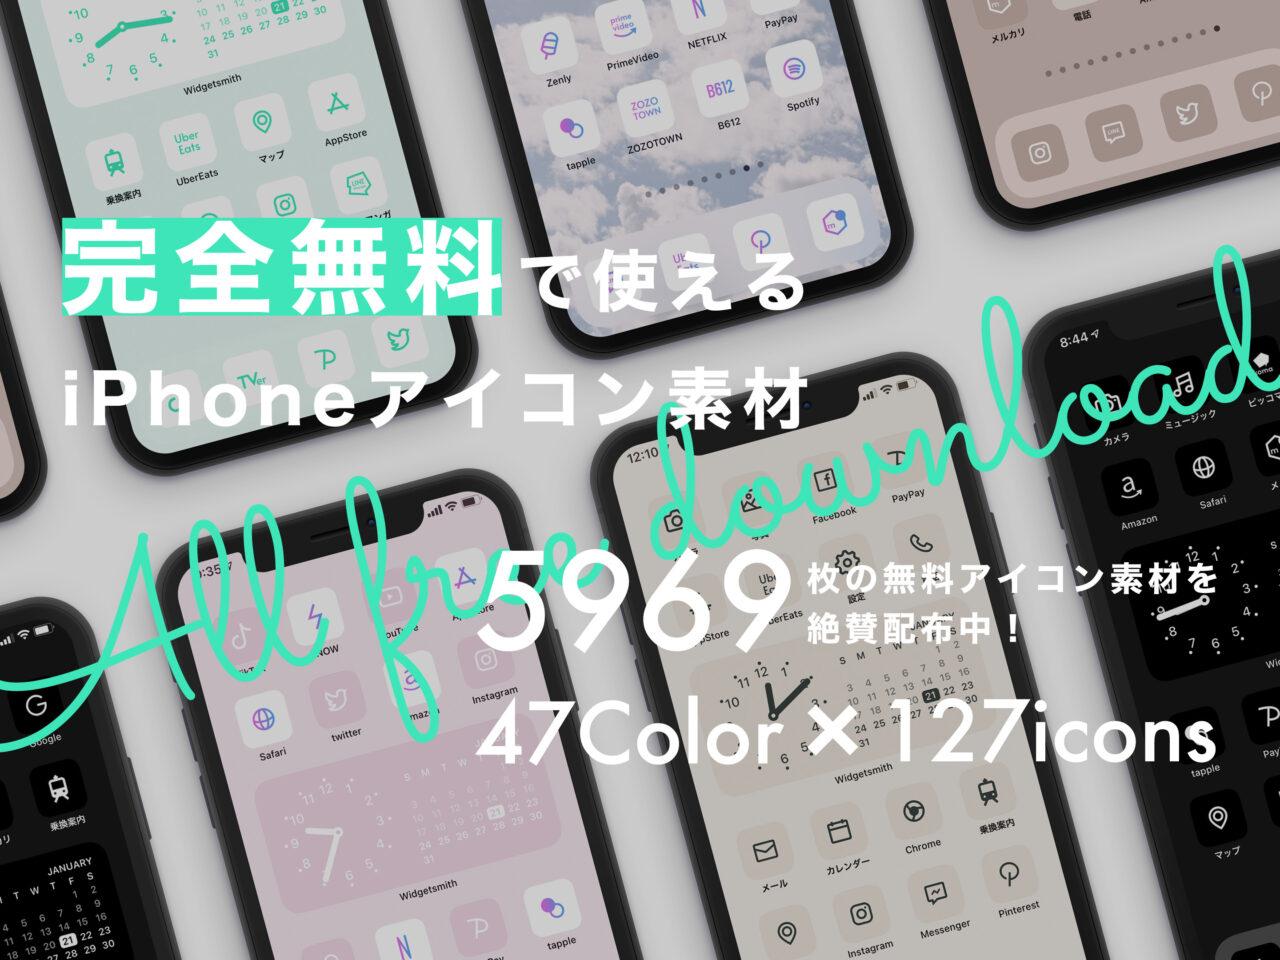 iPhoneアイコン素材ダウンロードページ【iOS14&無料】おしゃれでかわいいホーム画面をのサムネイル画像